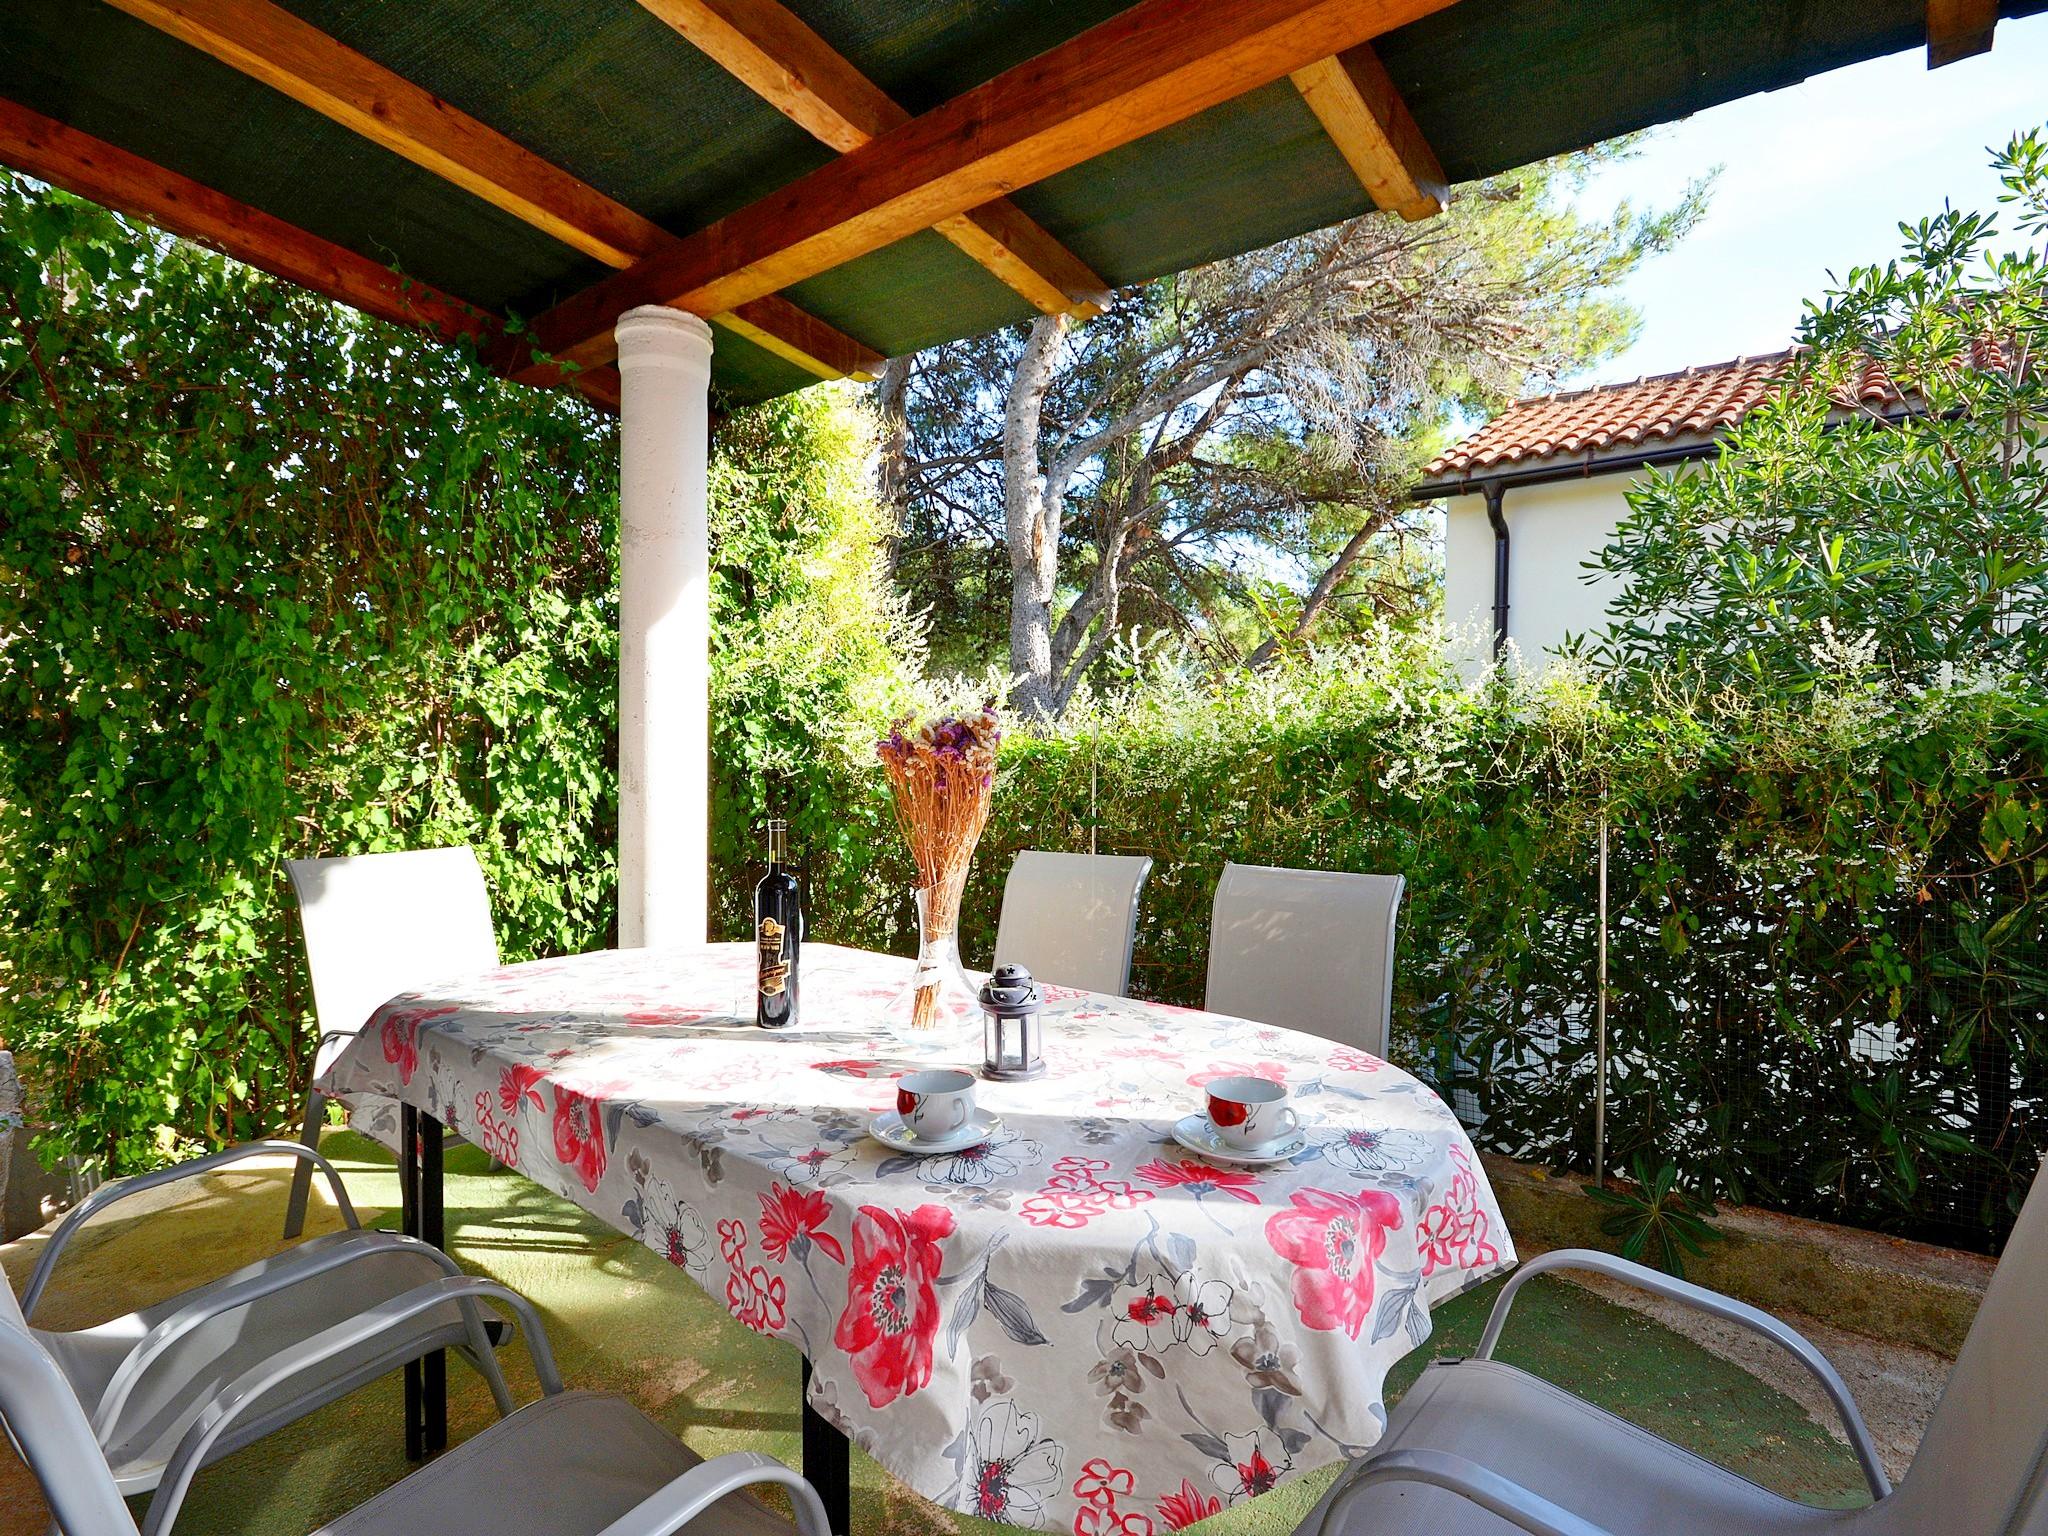 Ferienwohnung Ferienwohnungen Duaan, Apartman A4 (942266), Vrbanj, Insel Hvar, Dalmatien, Kroatien, Bild 4